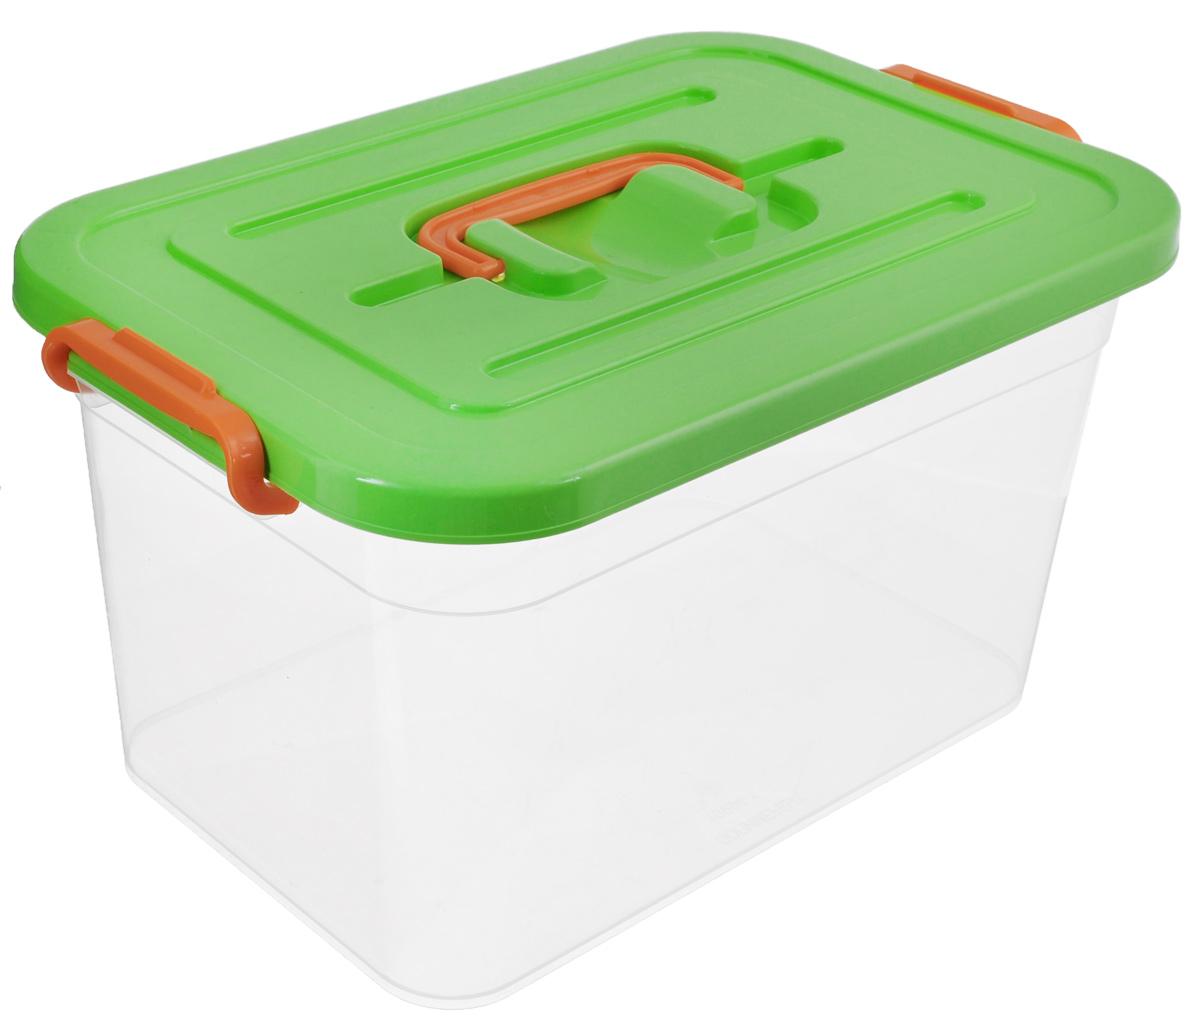 Контейнер для хранения Полимербыт, цвет: прозрачный, салатовый, 10 л10503Контейнер для хранения Полимербыт выполнен из высококачественного полипропилена. Изделие снабжено удобной ручкой и двумя фиксаторами по бокам, придающими дополнительную надежность закрывания крышки. Вместительный контейнер позволит сохранить различные нужные вещи в порядке, а герметичная крышка предотвратит случайное открывание, а также защитит содержимое от пыли и грязи.